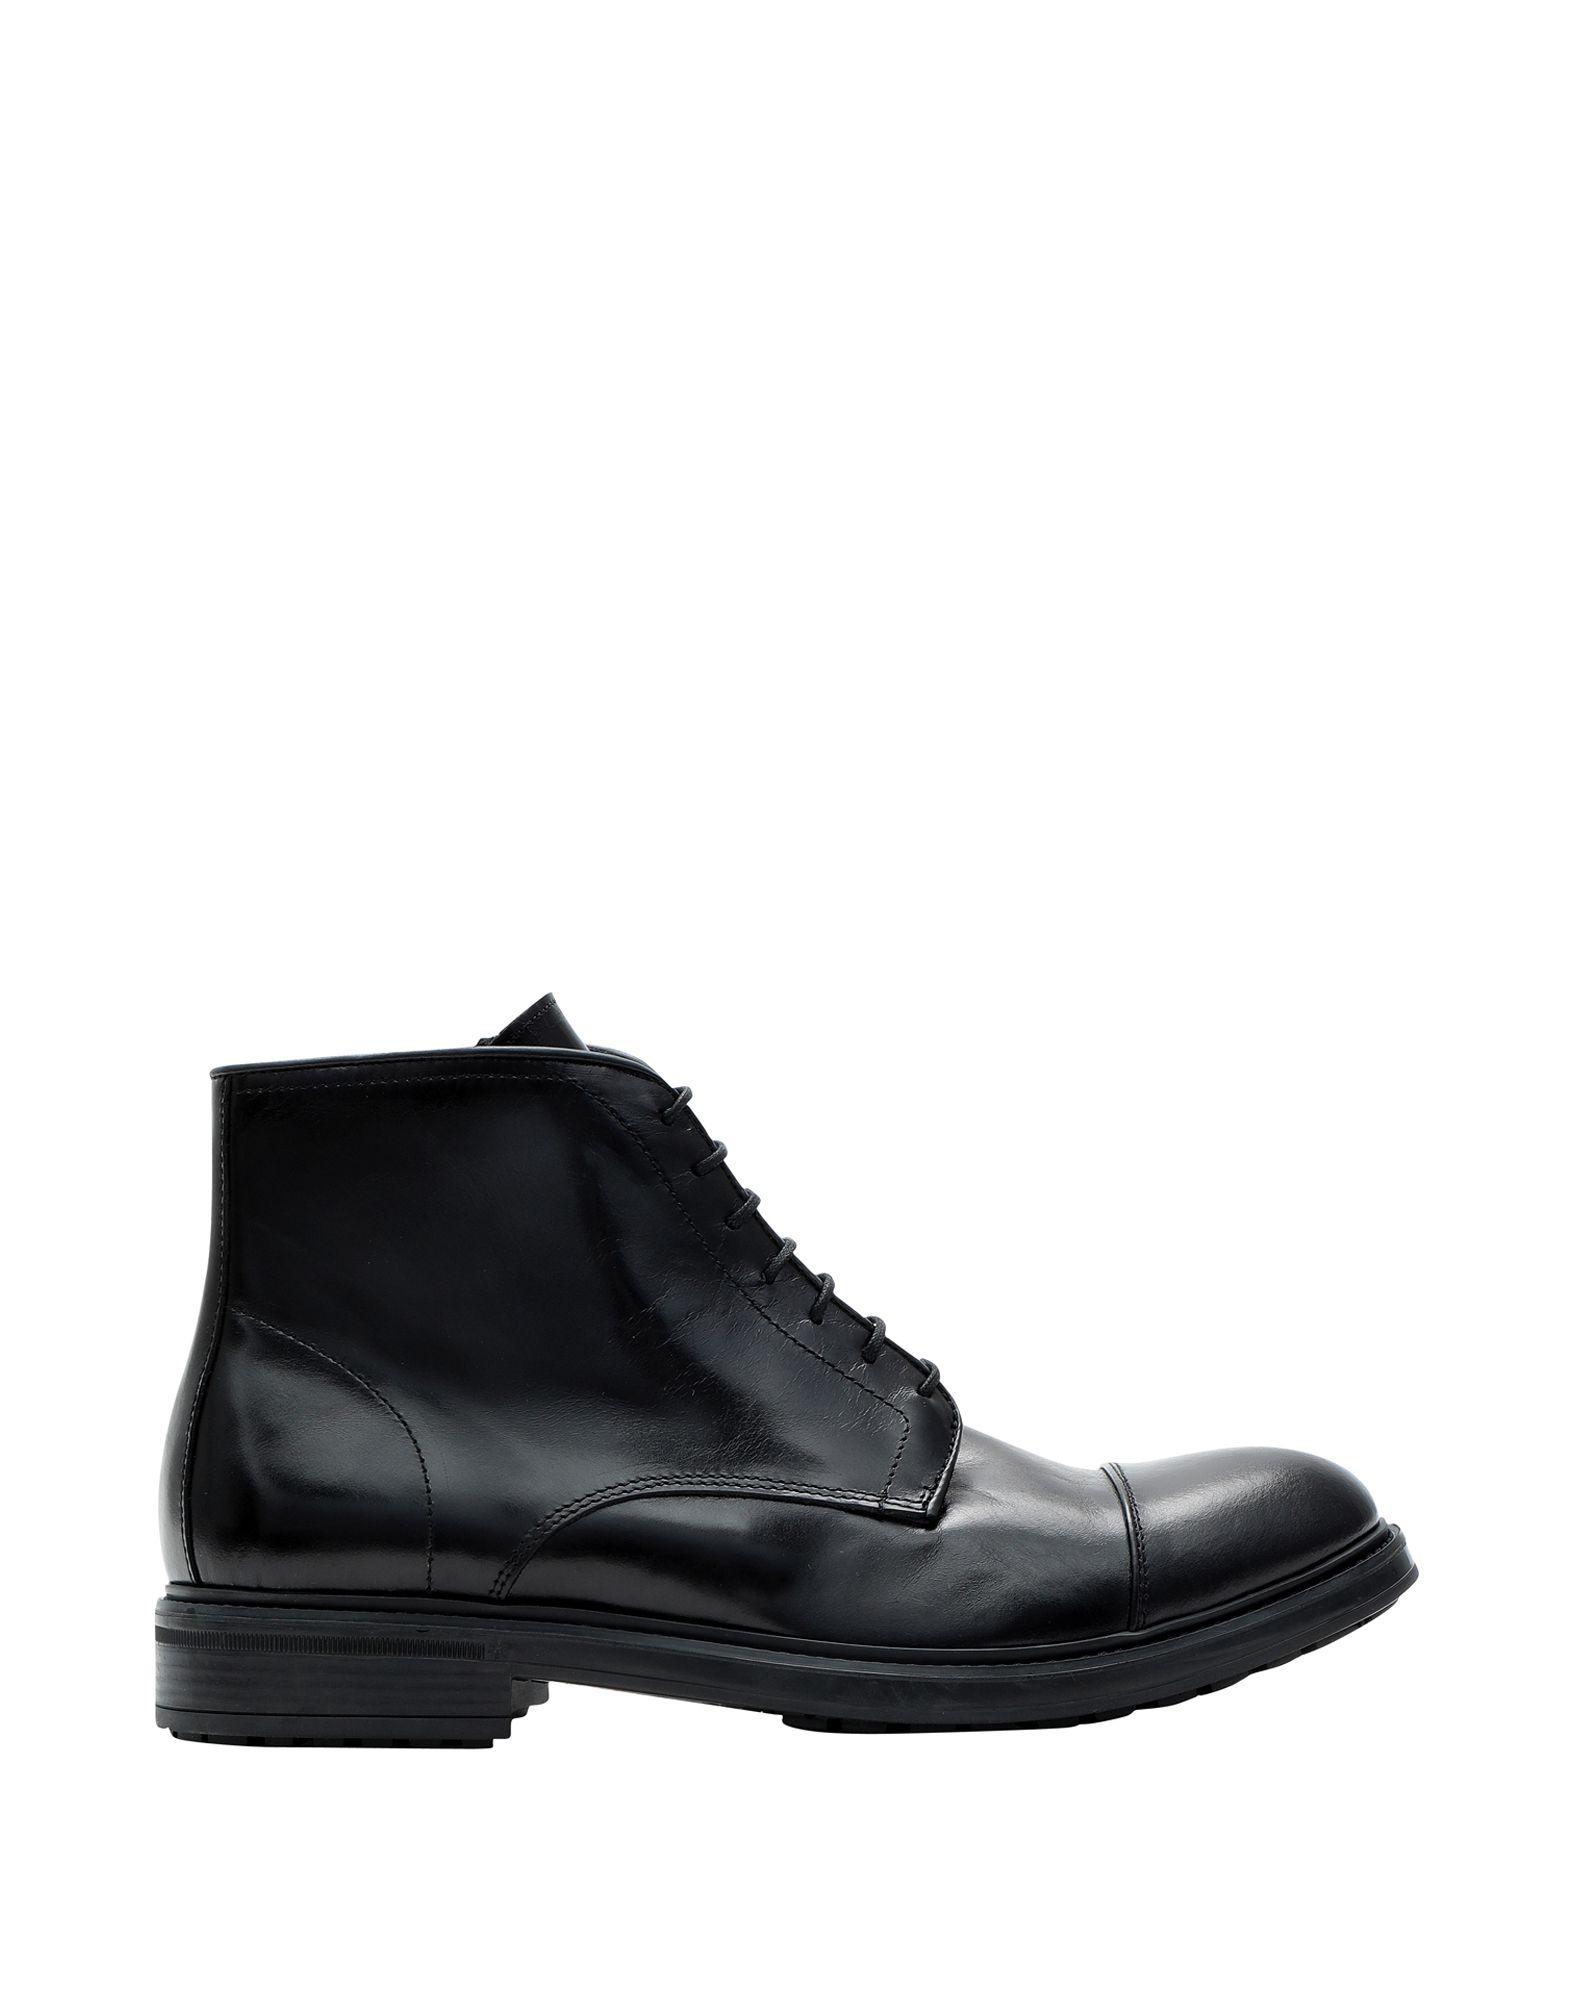 Stivali Chloé Donna - 11249893WS Scarpe economiche e buone